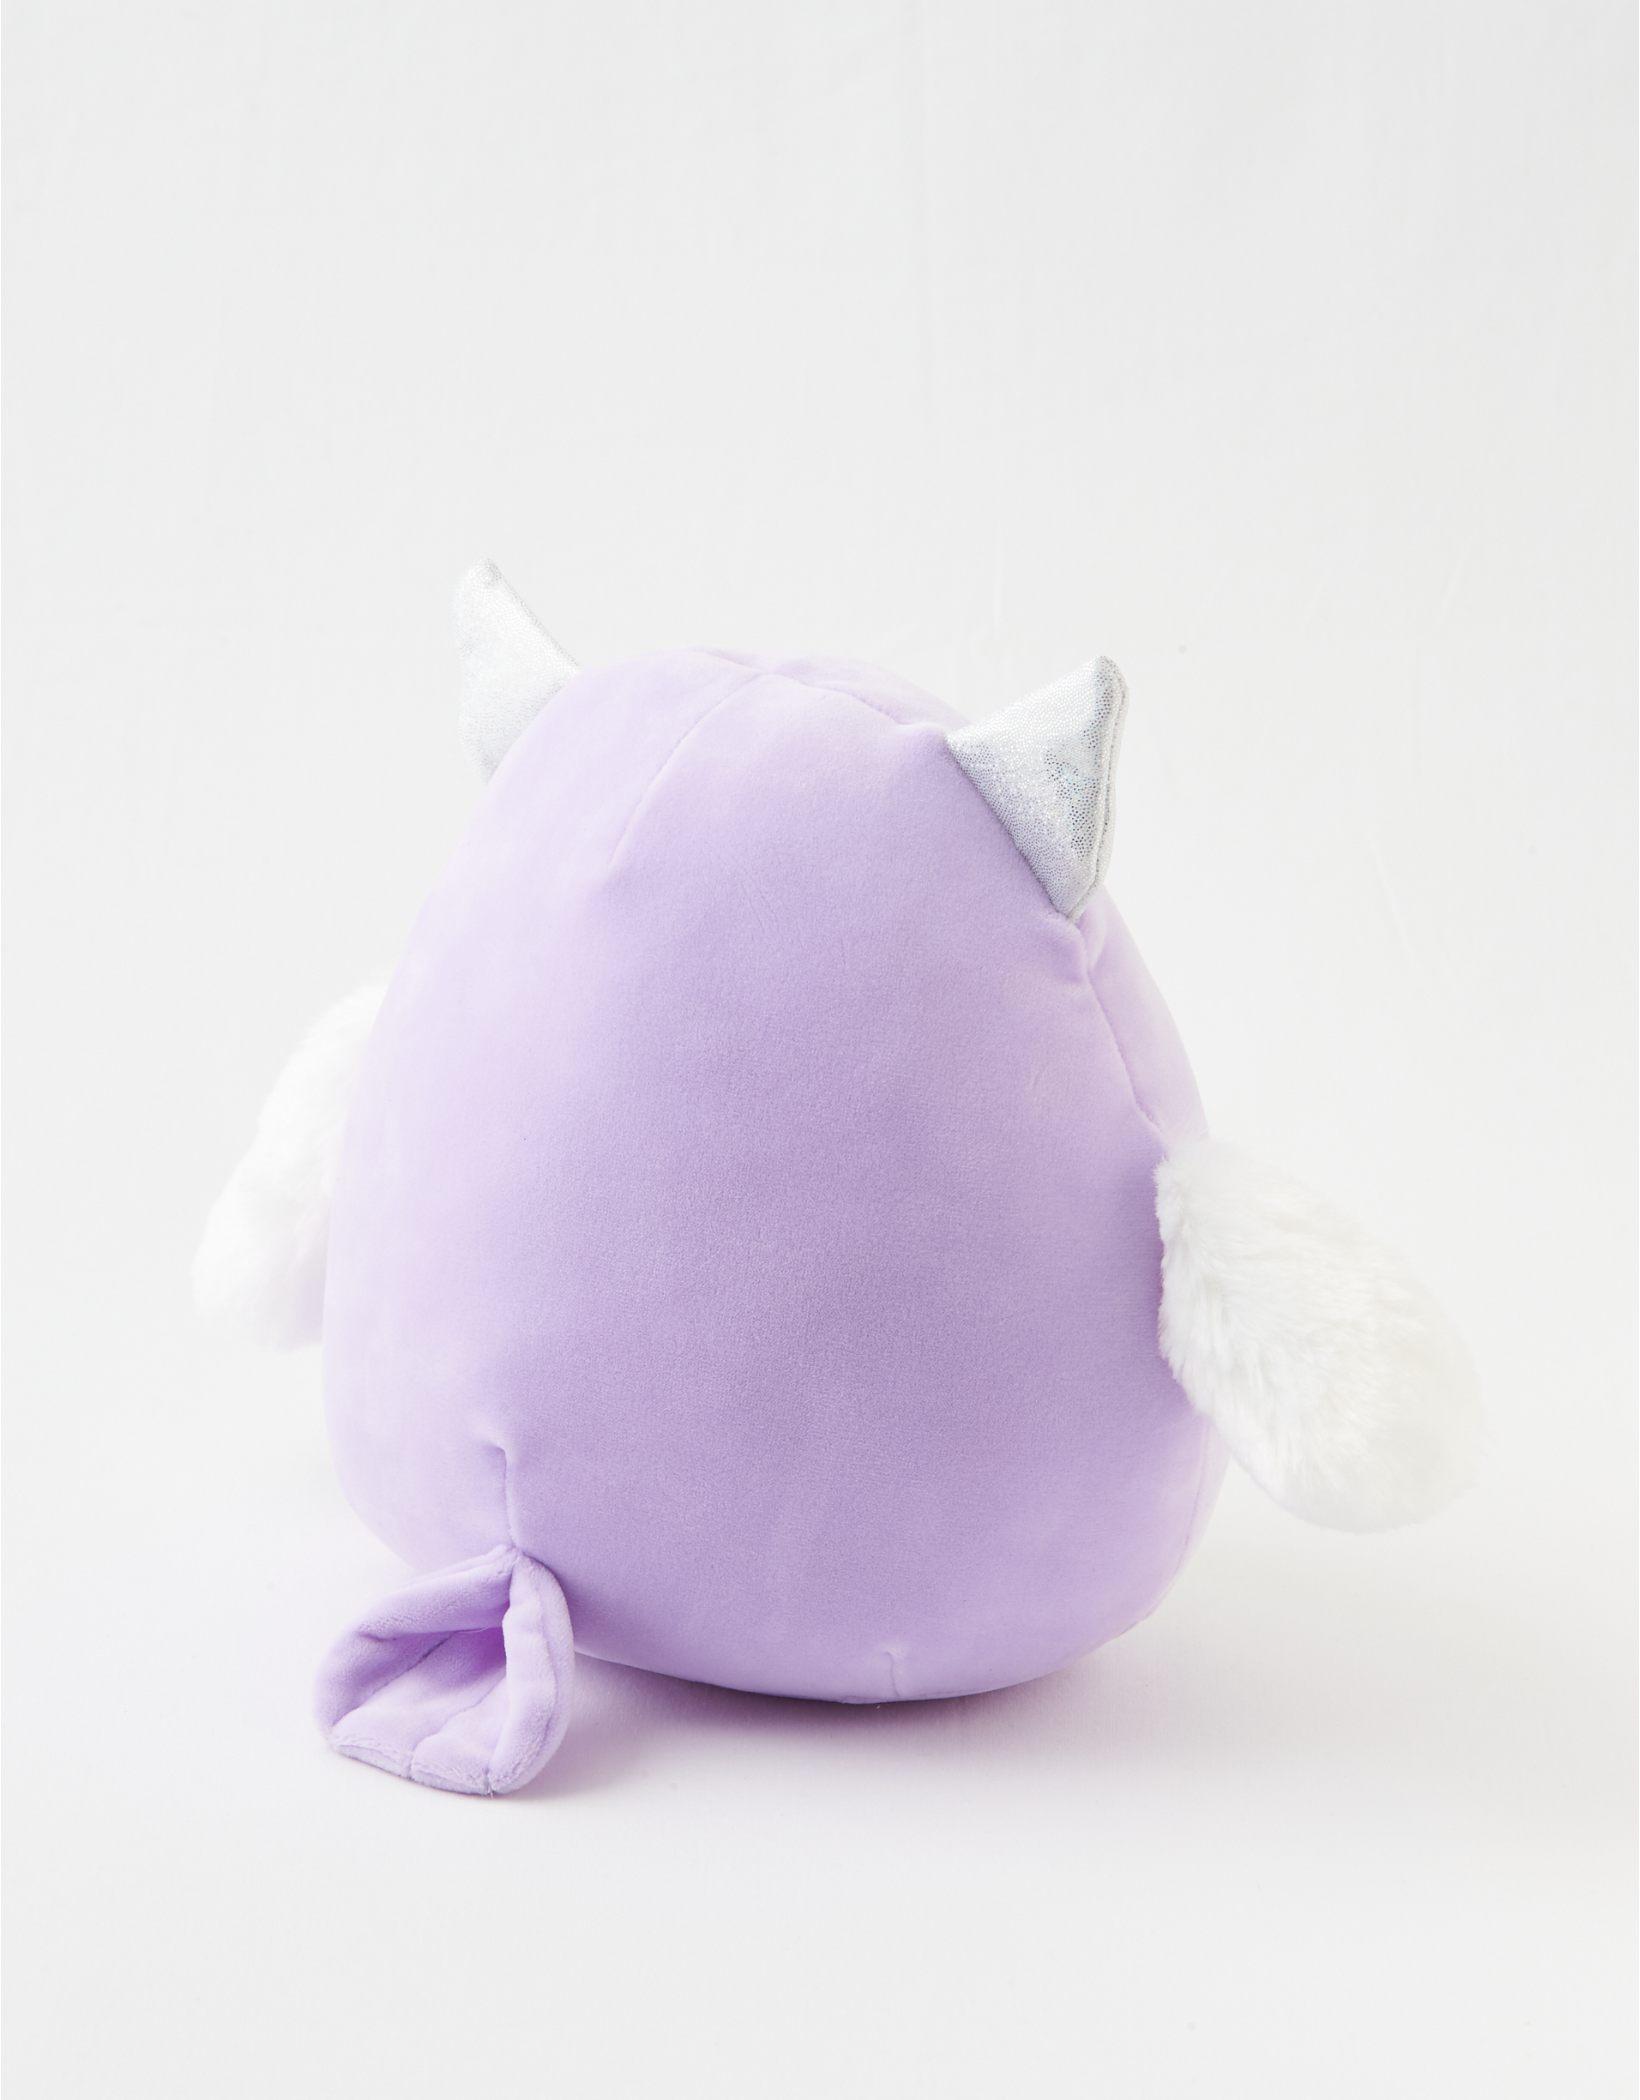 Squishmallow 8 in Plush Toy - Quartz